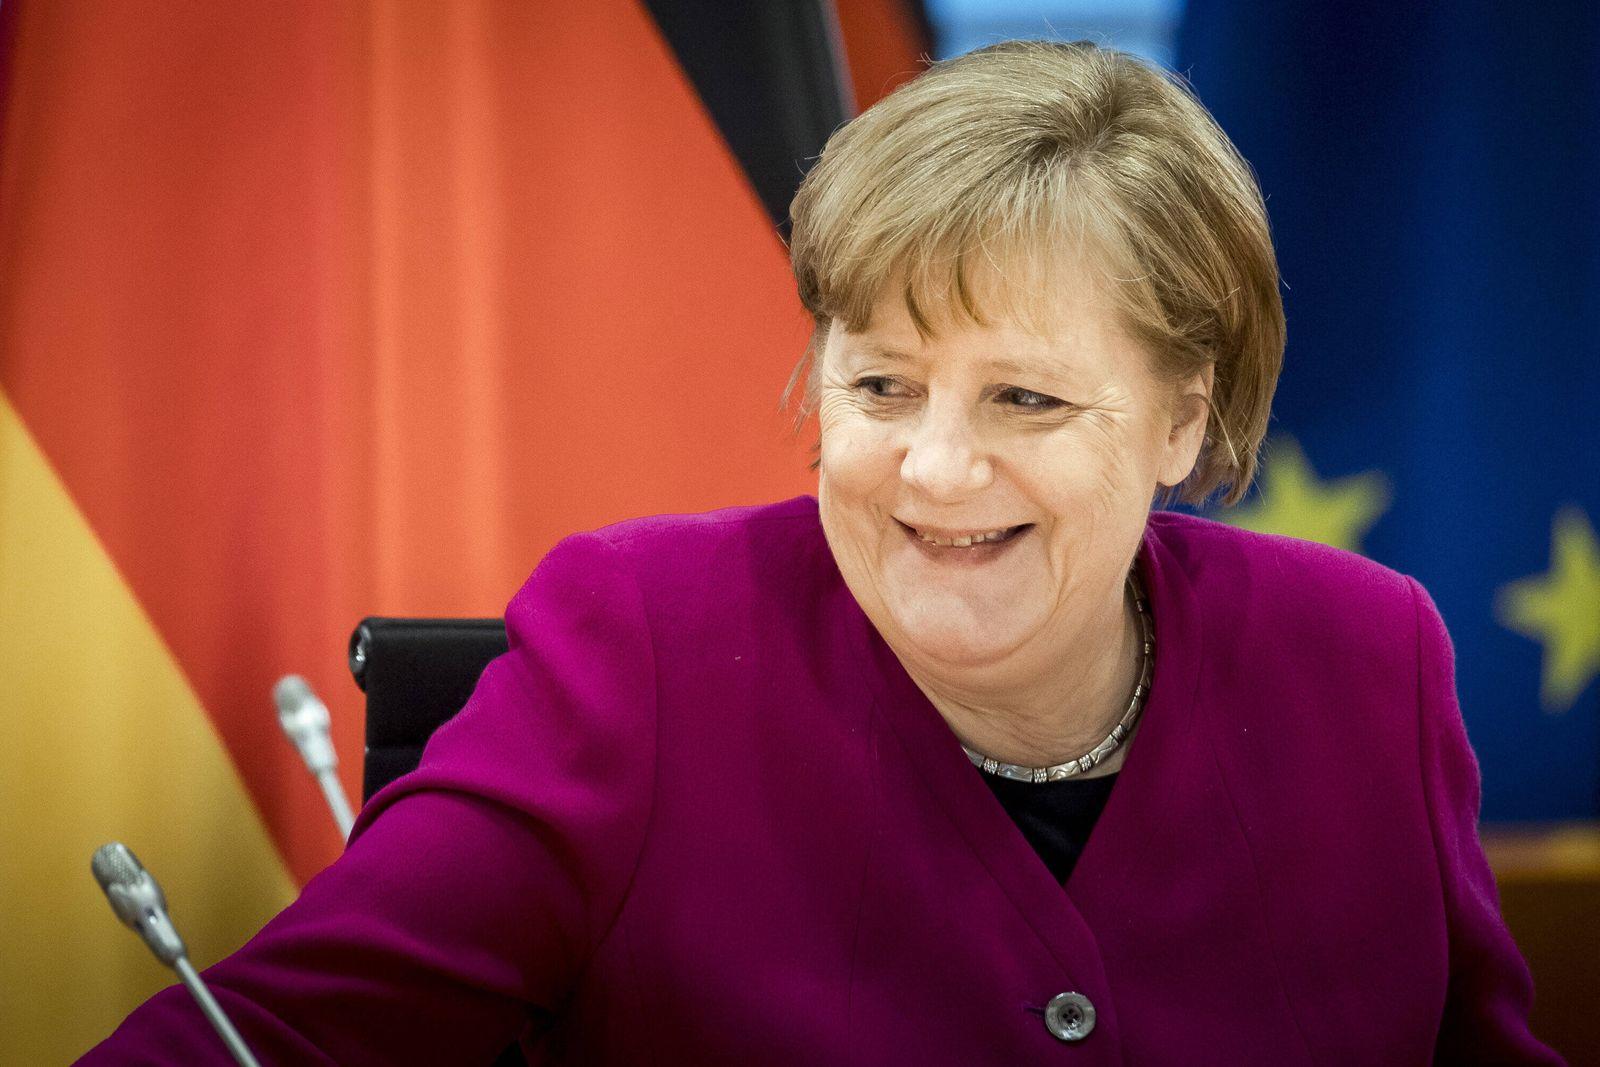 Bundeskanzlerin Angela Merkel, CDU, aufgenommen vor der 6. Plenarsitzung der deutsch-chinesischen Regierungskonsultatio